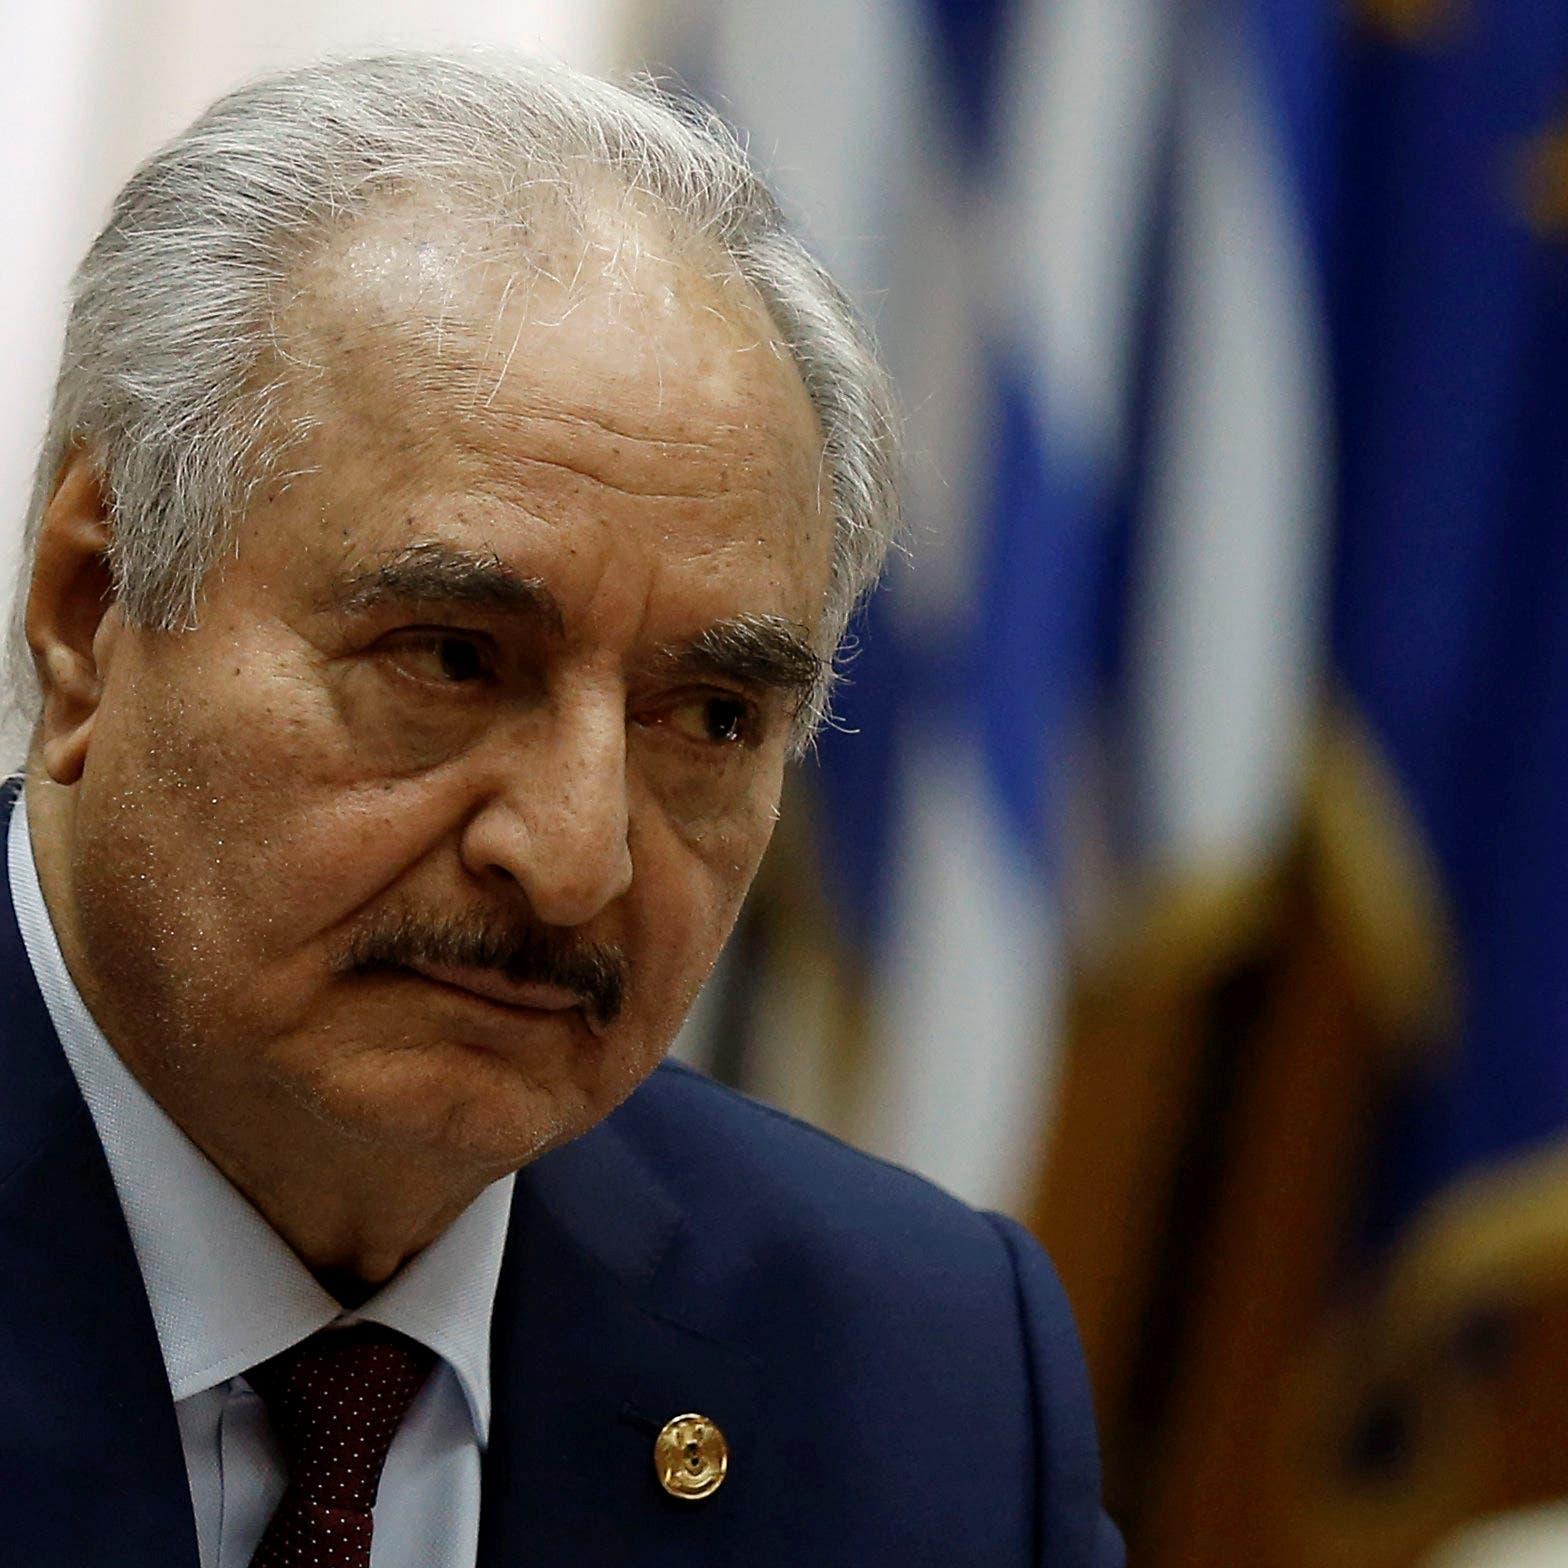 حفتر ورئاسة ليبيا.. هل يسقط قانون الانتخاب حلمه؟